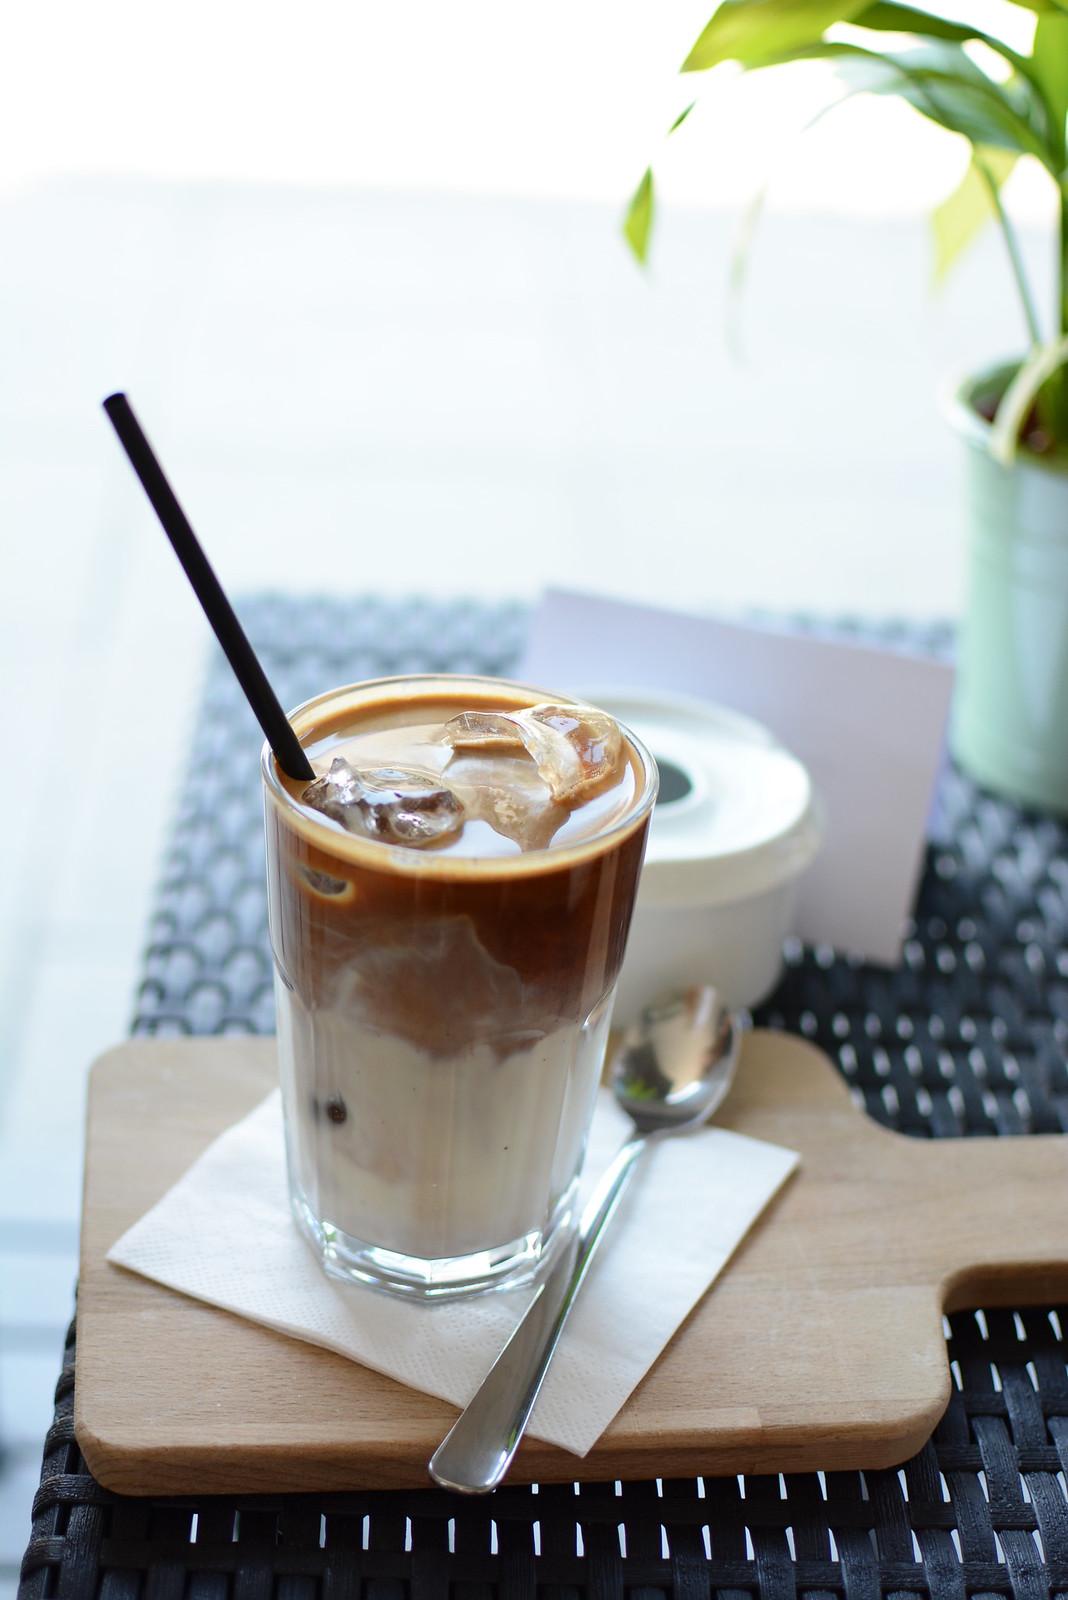 DieBrüher-Kaffee